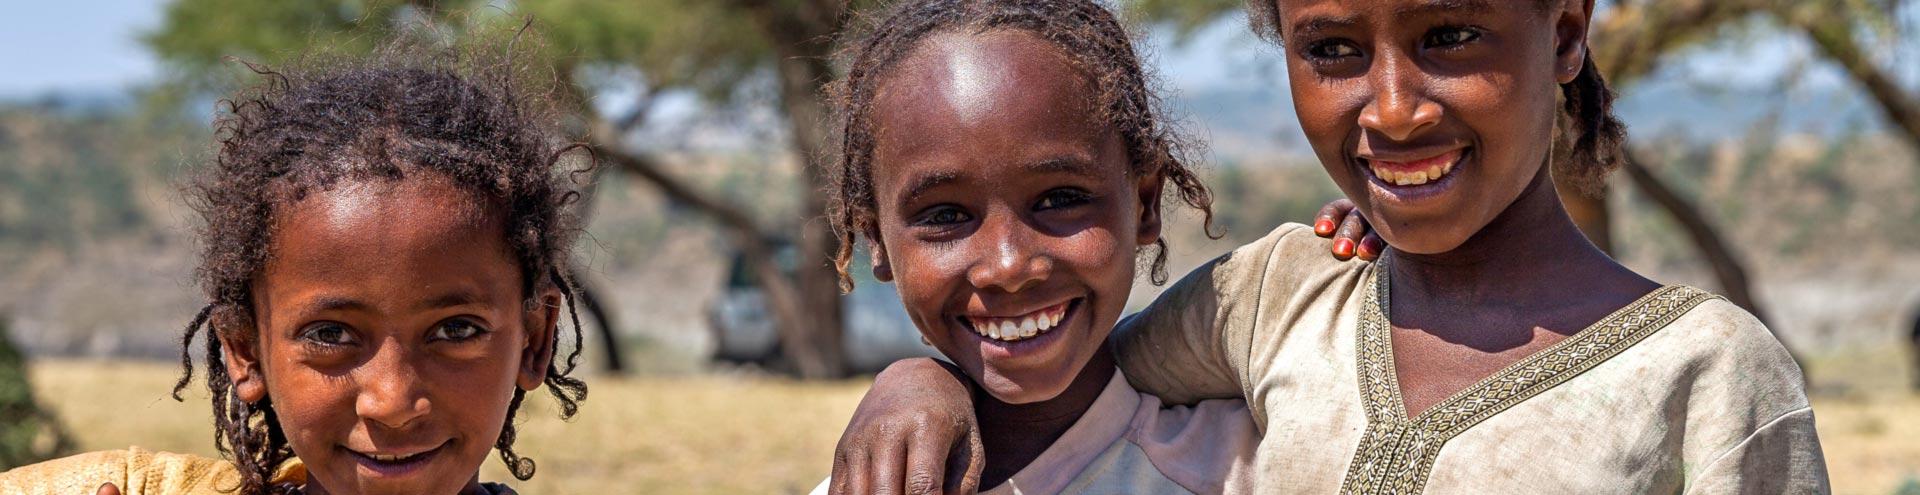 Κορίτσια από την Αιθιοπία